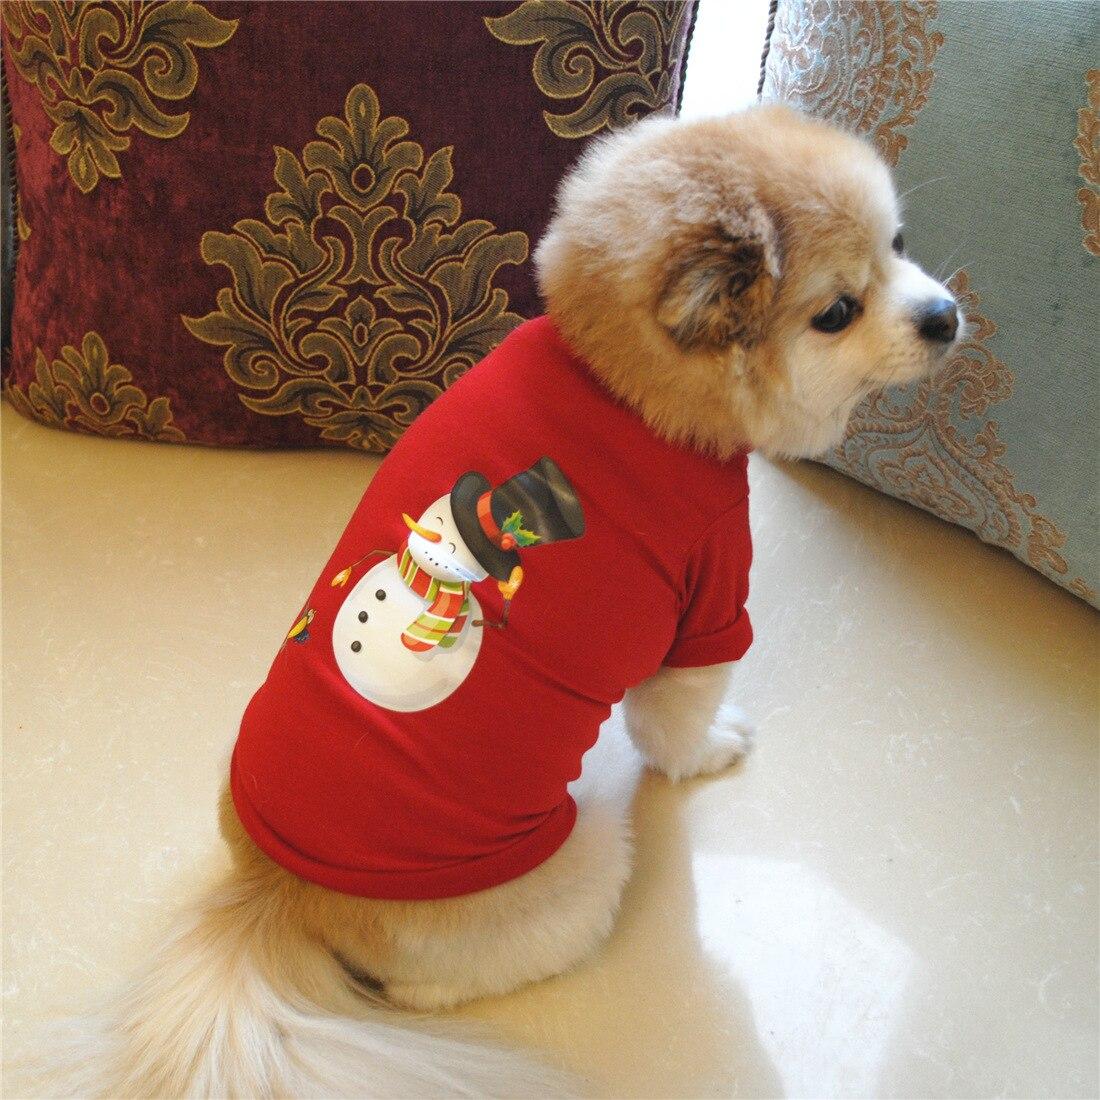 Ropa para perros y mascotas, disfraz de Navidad, ropa bonita de dibujos animados para perros pequeños, ropa para perros